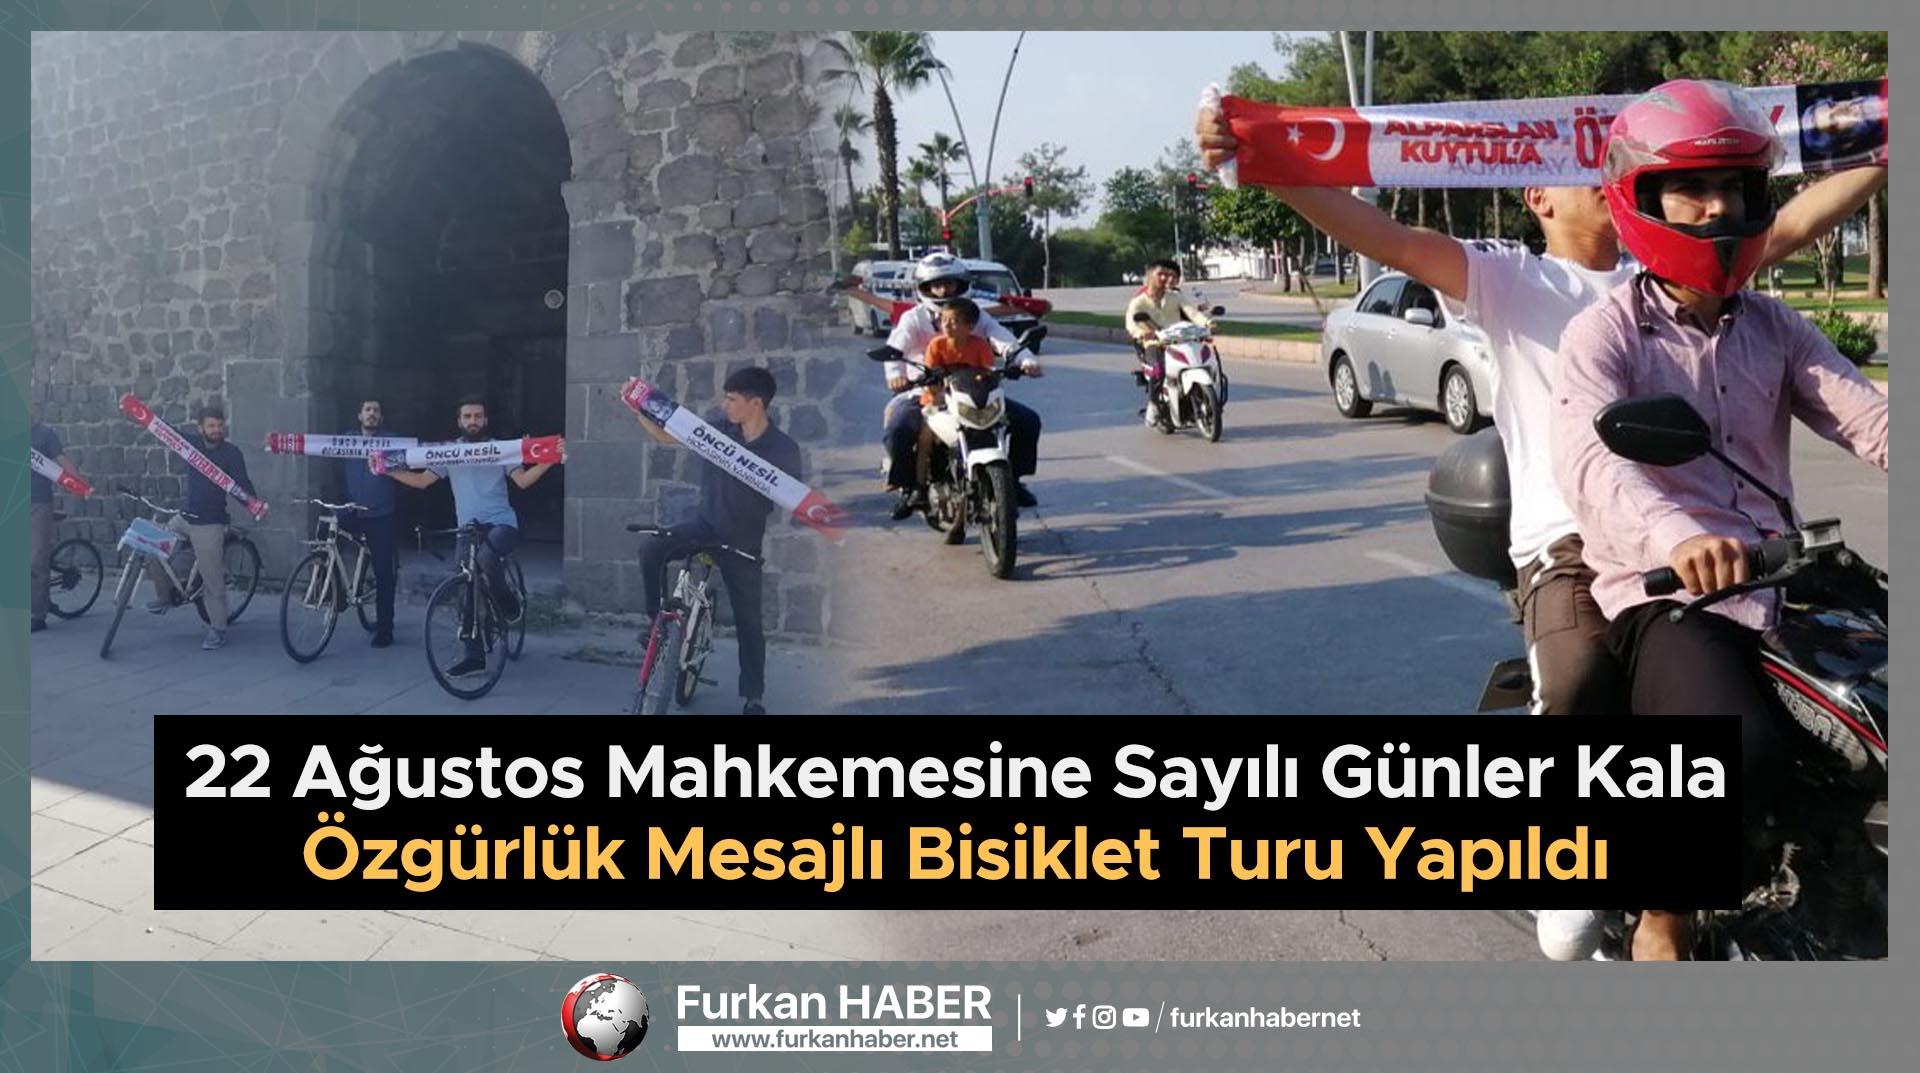 22 Ağustos Mahkemesine Sayılı Günler Kala Özgürlük Mesajlı Bisiklet Turu Yapıldı